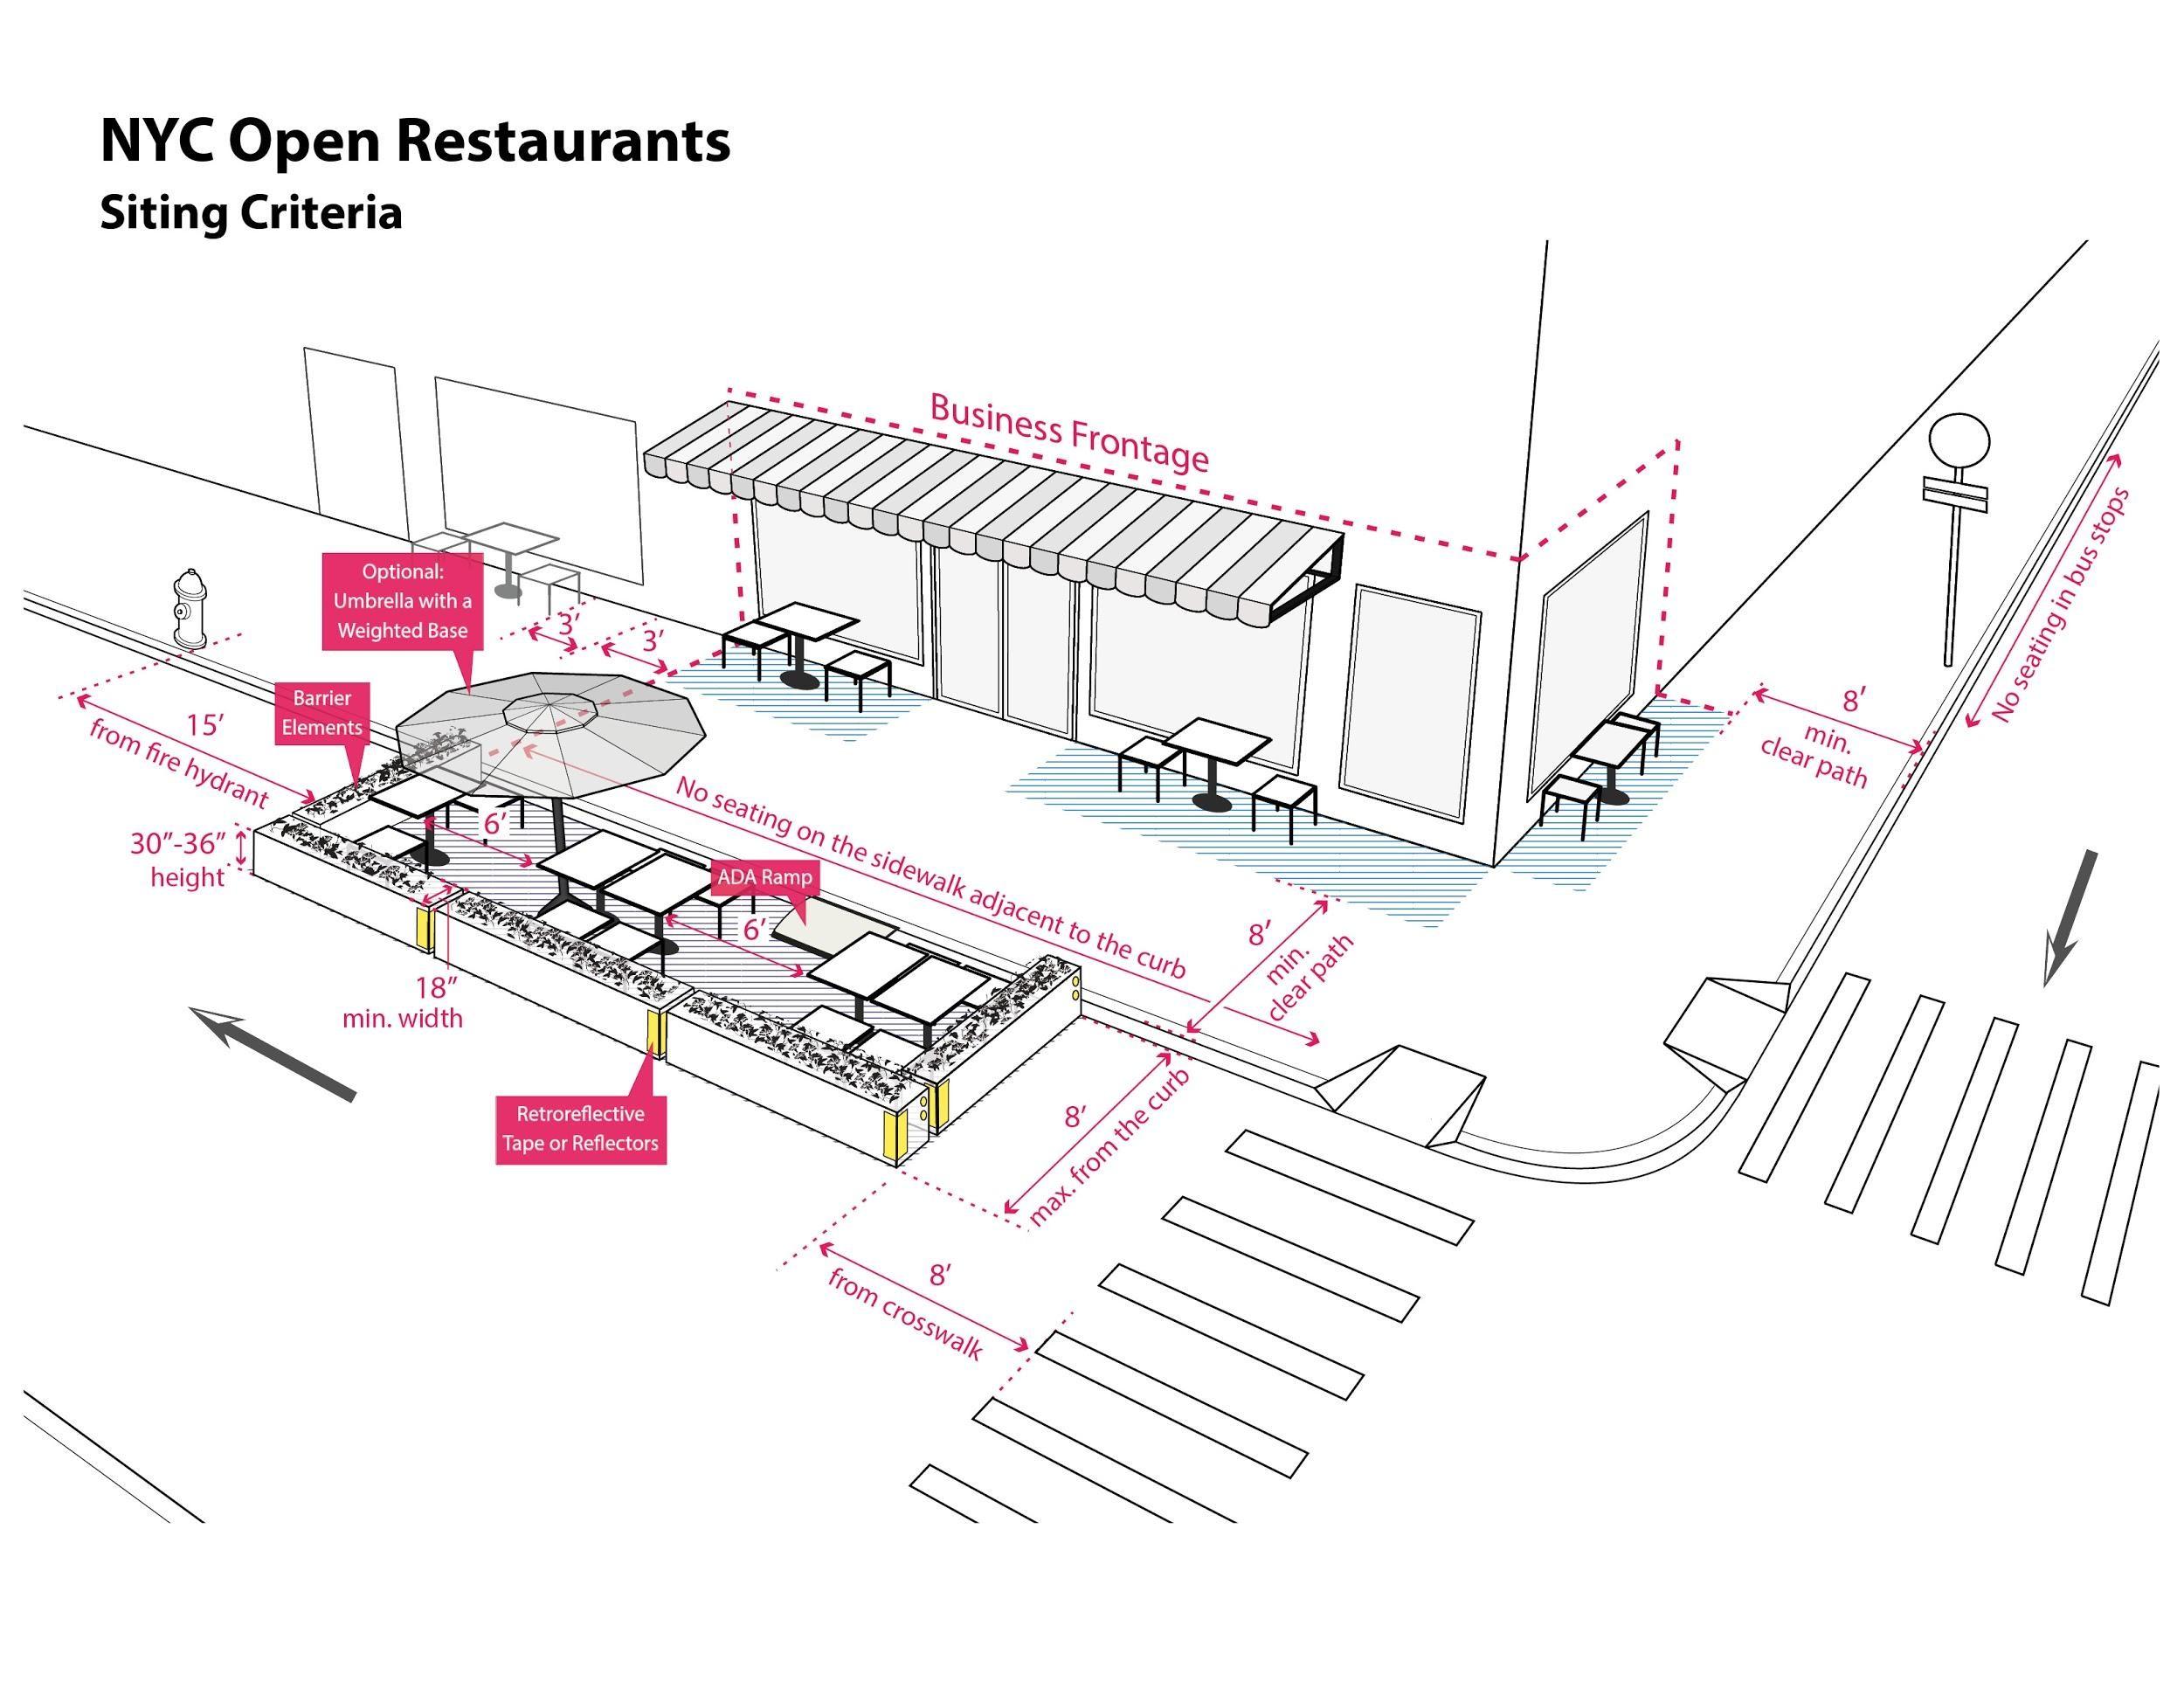 纽约盛开户外餐厅设计图示。图片来自 NYC GOV